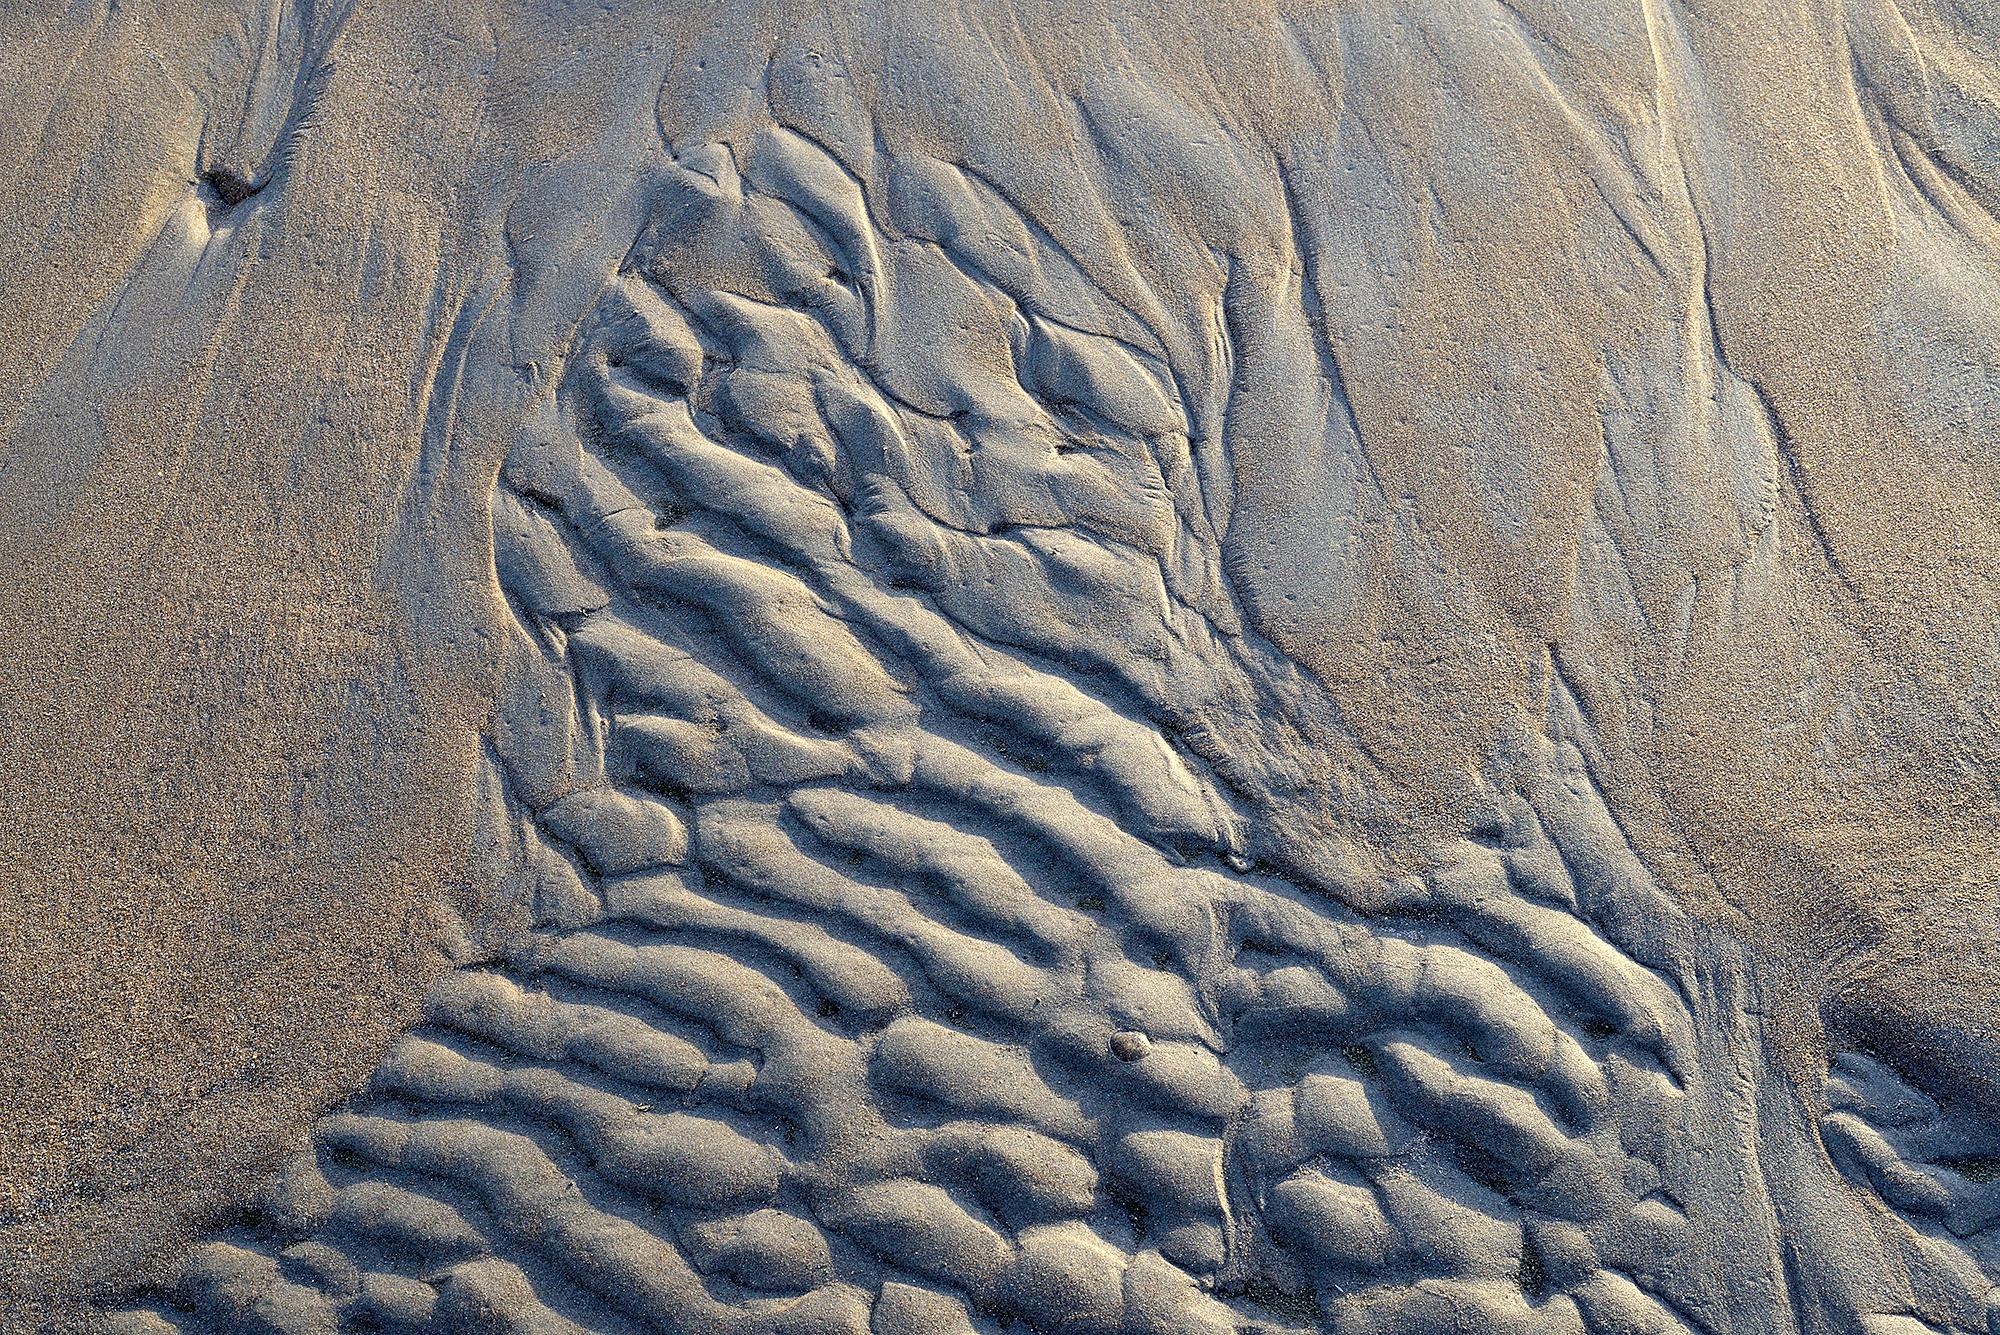 Zandribbels van terugtrekkend zeewater aan de rand van een zwin tijdens laagwater op het Kennemerstrand bij IJmuiden.